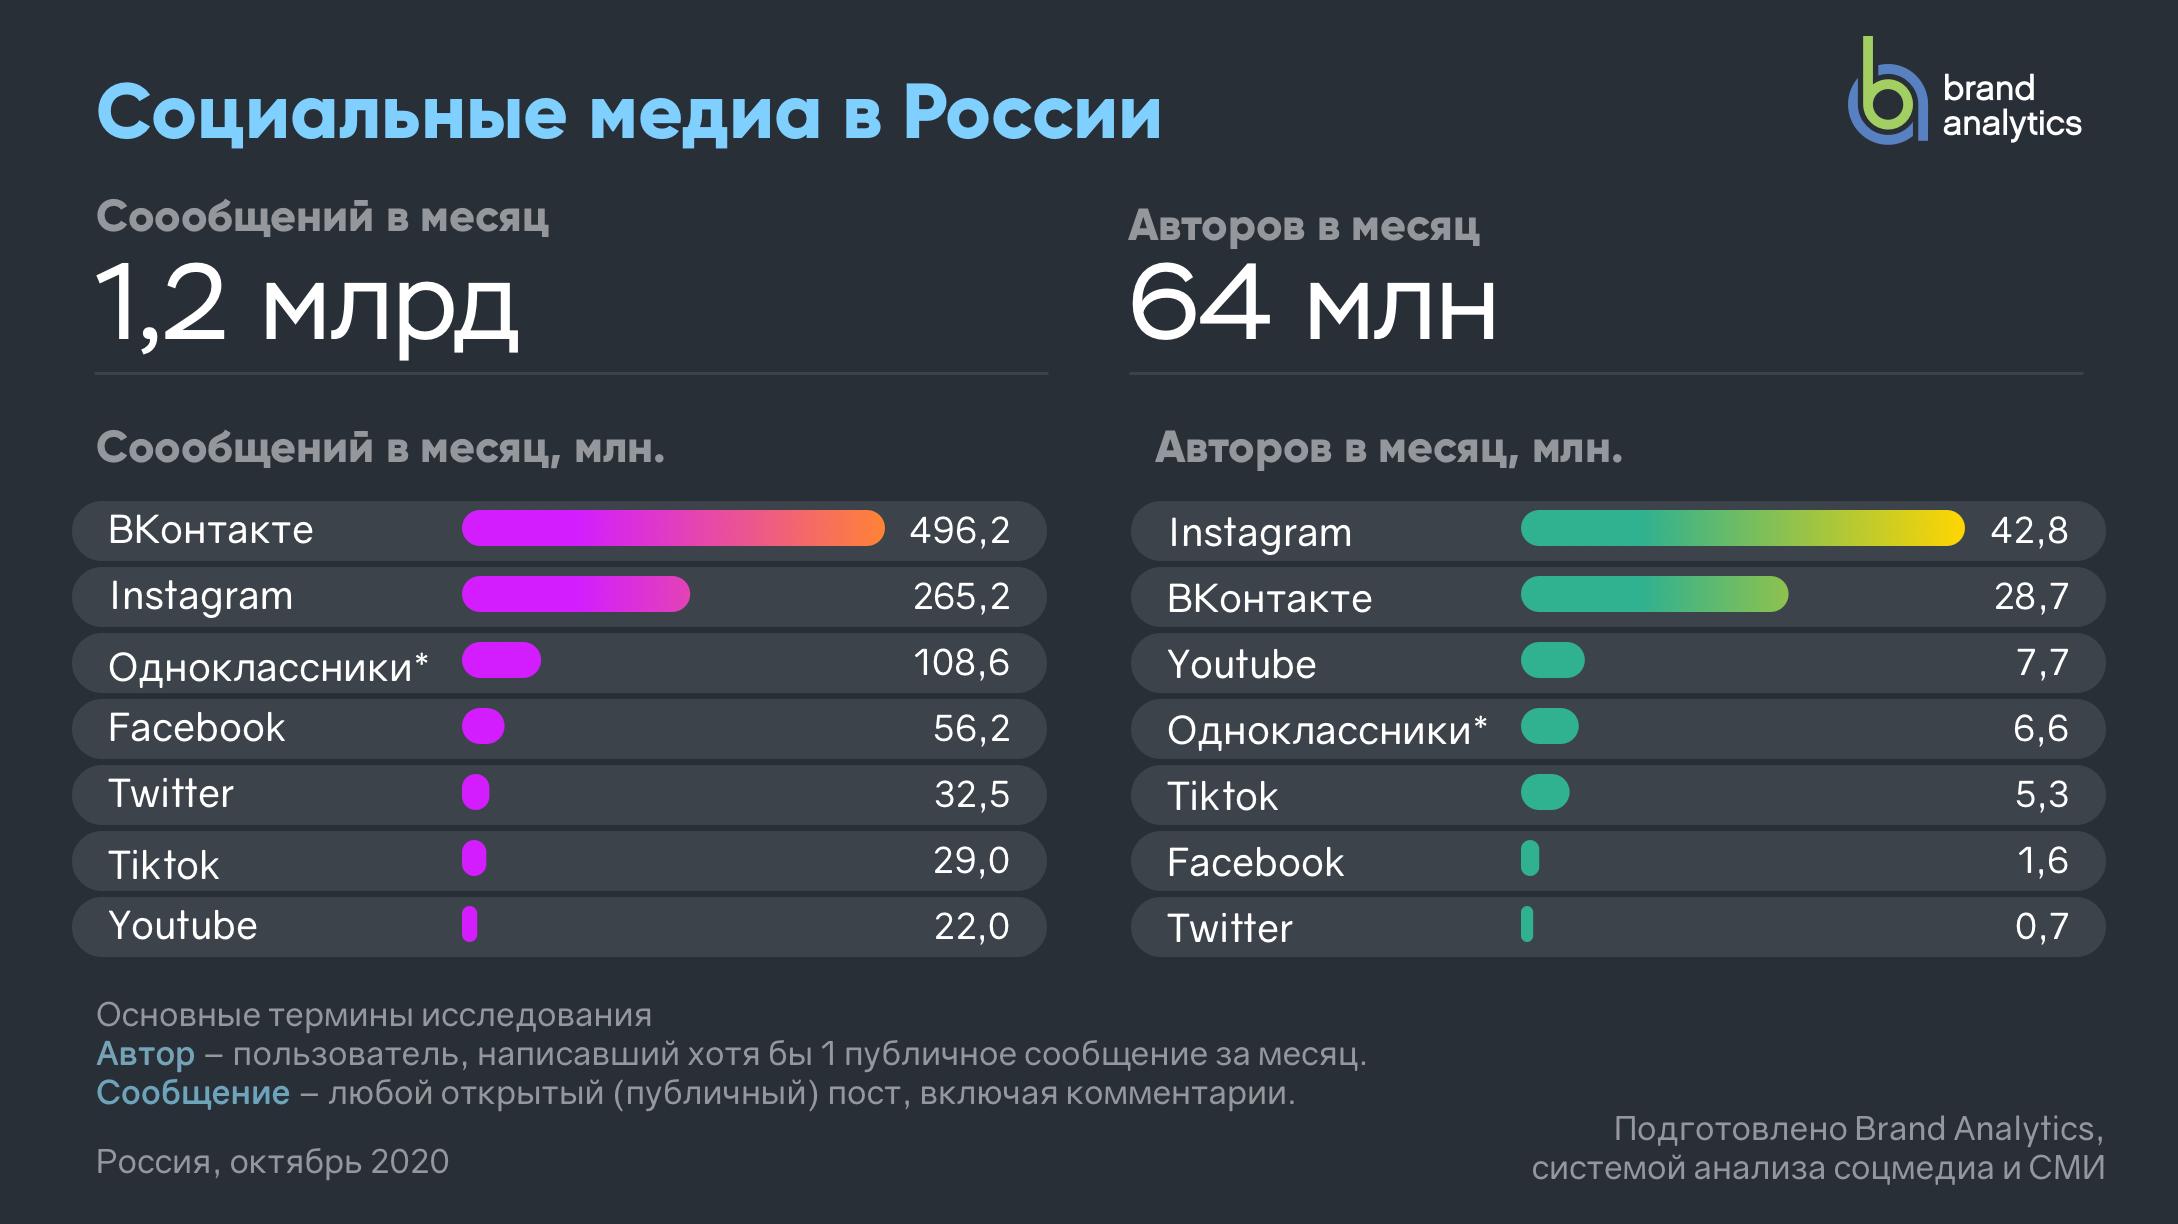 Активные авторы соцсетей в России